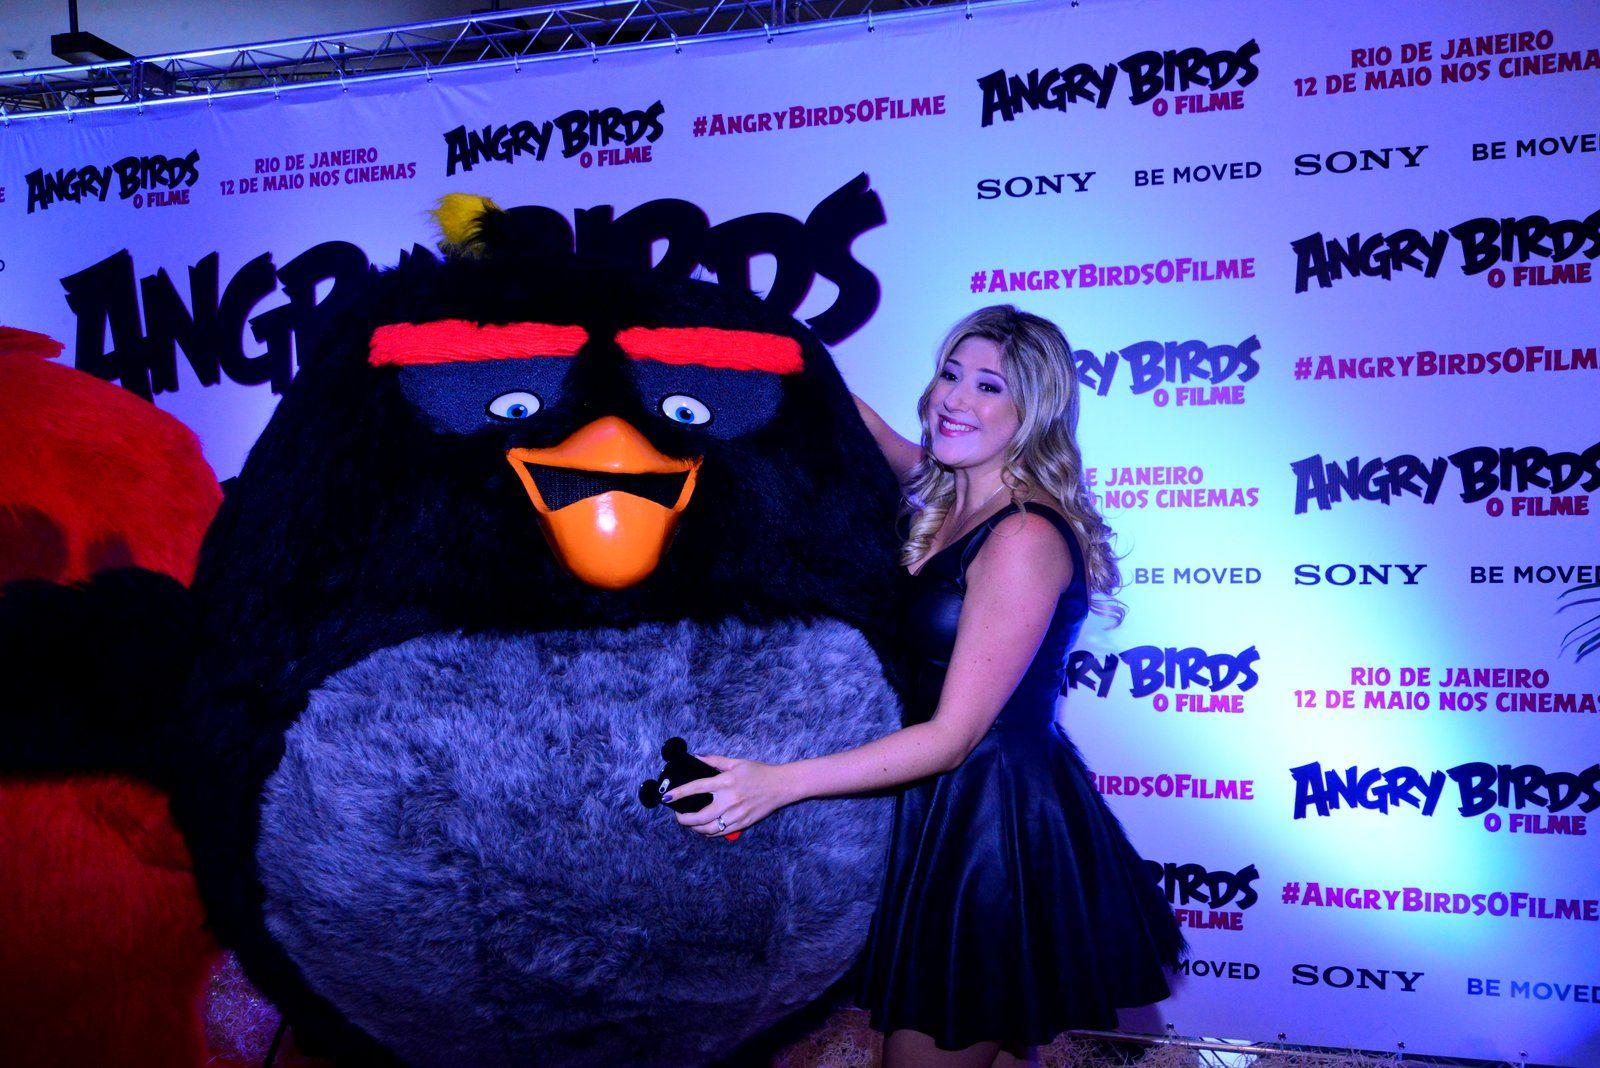 Dani Calabresa e Marcelo Adnet vão à pré estreia de Angry Birds   cinema